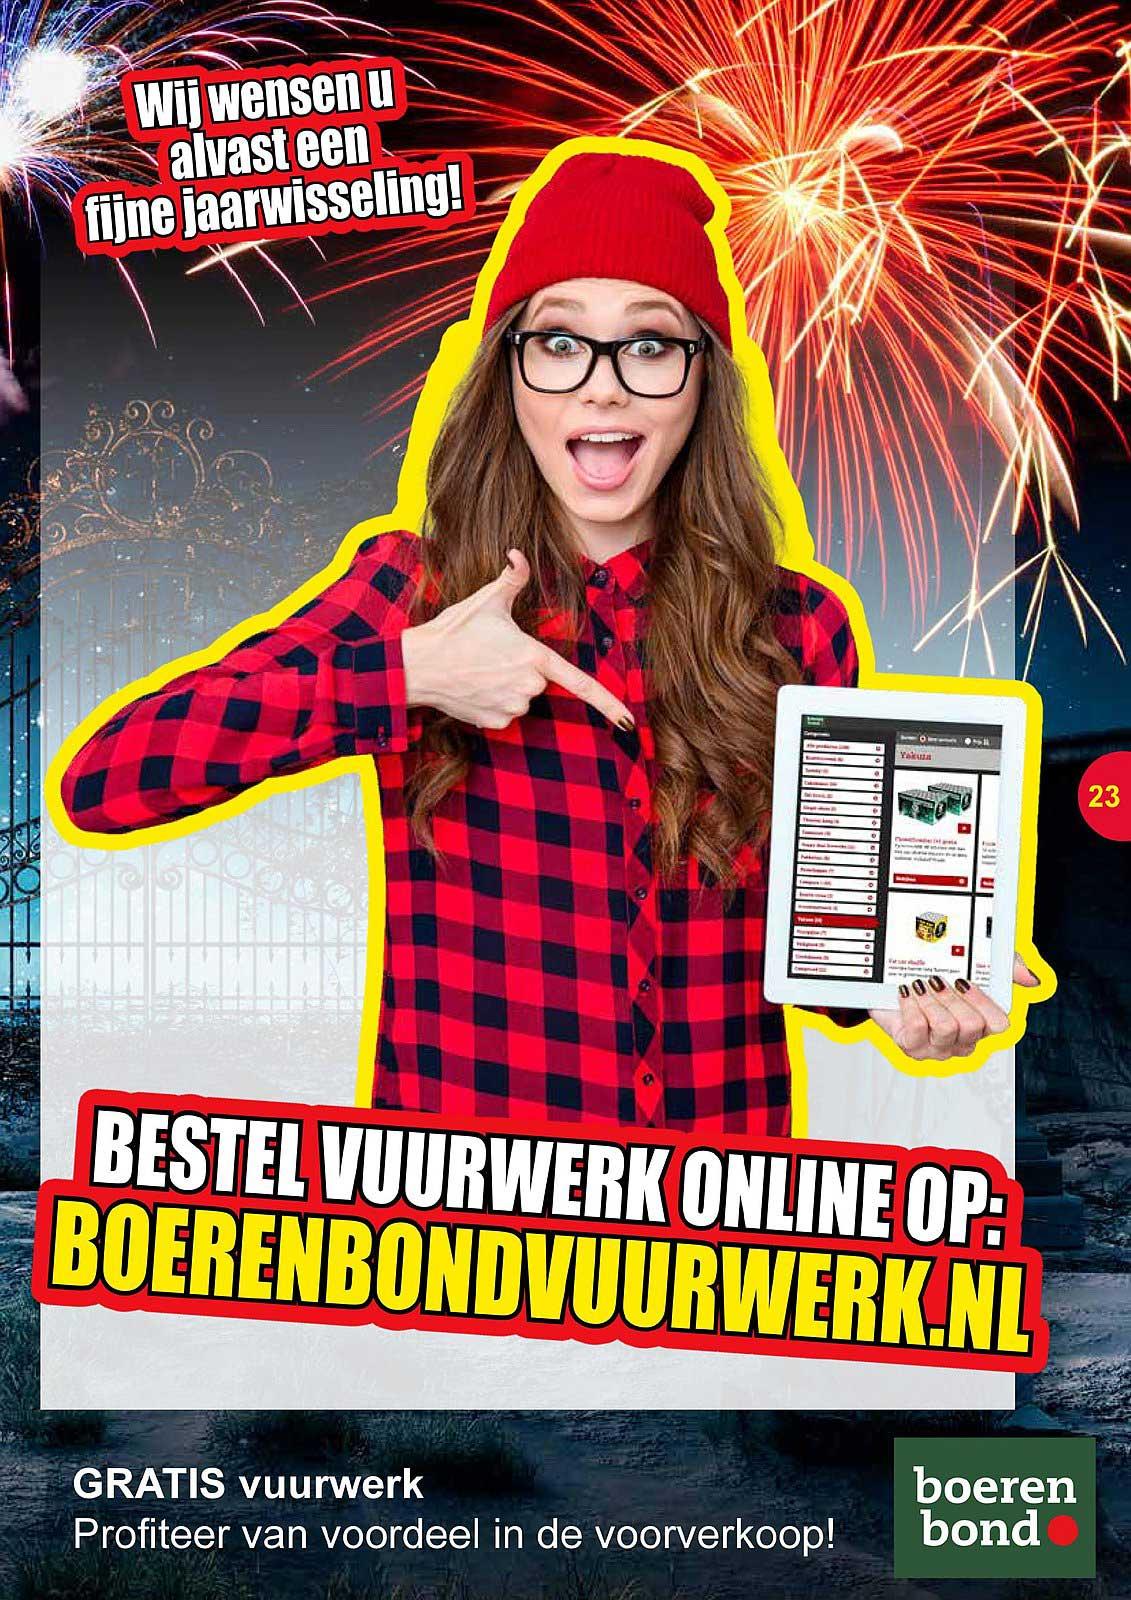 Boerenbond Bestel Vuurwerk Online Op: Boerenbondvuurwerk.nl